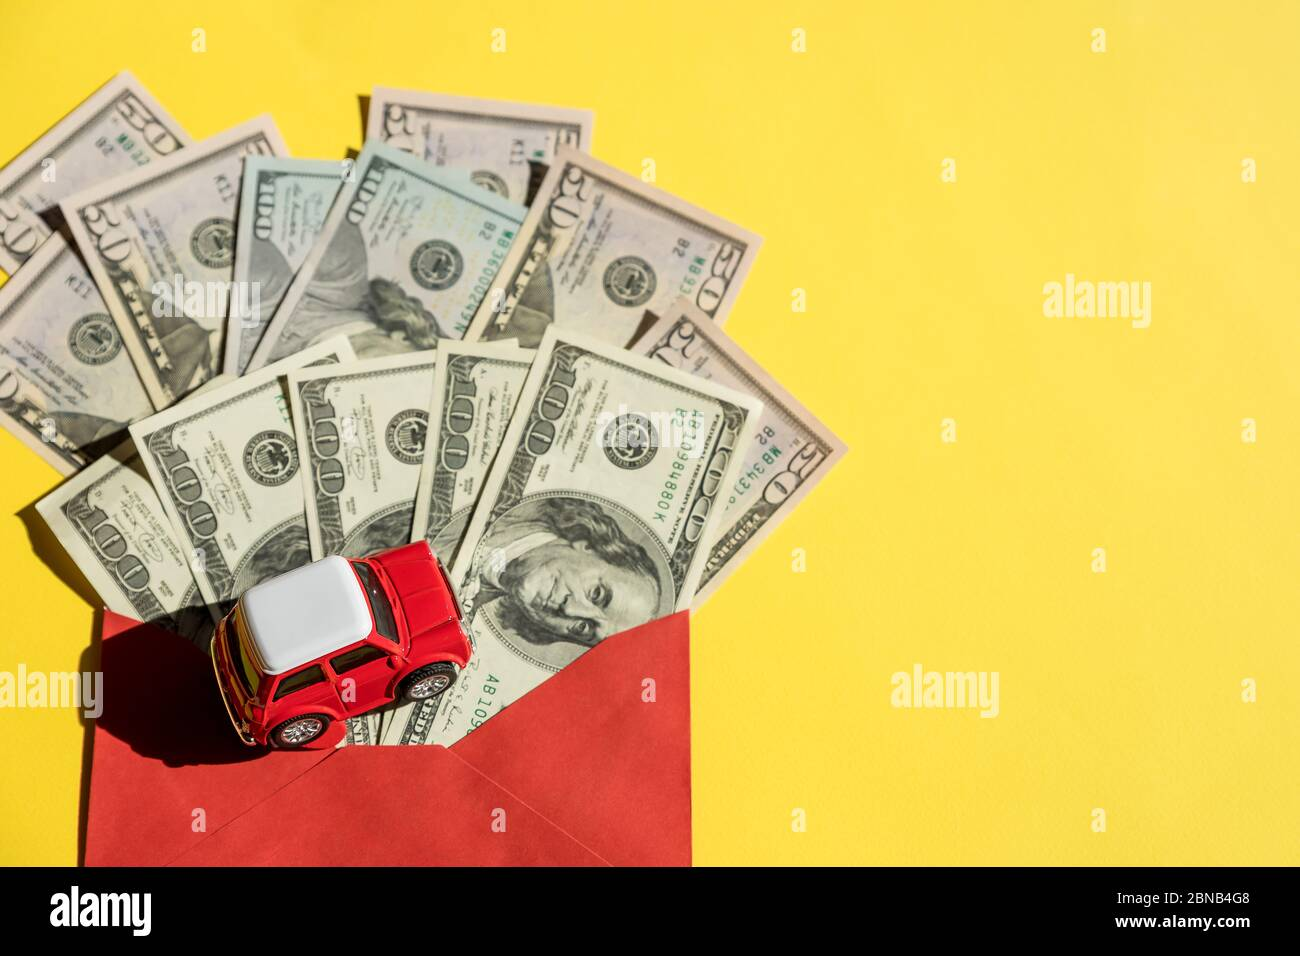 Modelo de coche y billetes de EE.UU., moneda. Préstamo de coche, financiero, ahorro de dinero, seguros y tiempo de leasing Concepts.toy coche rojo y un bote de dinero dólares facturas Foto de stock